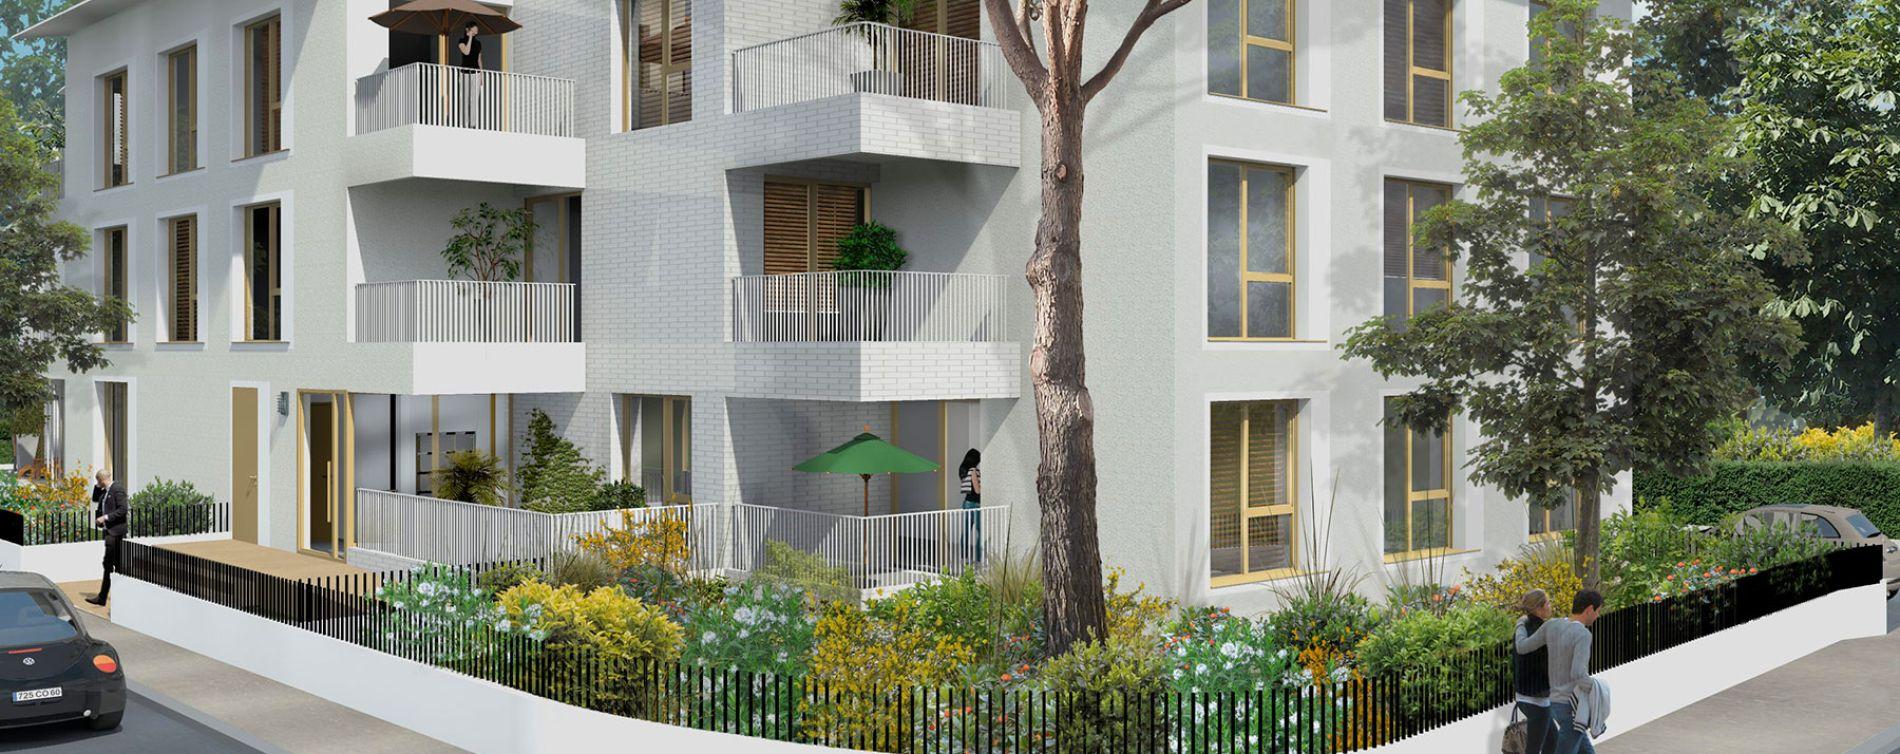 villa serena pessac programme immobilier neuf n 213721. Black Bedroom Furniture Sets. Home Design Ideas